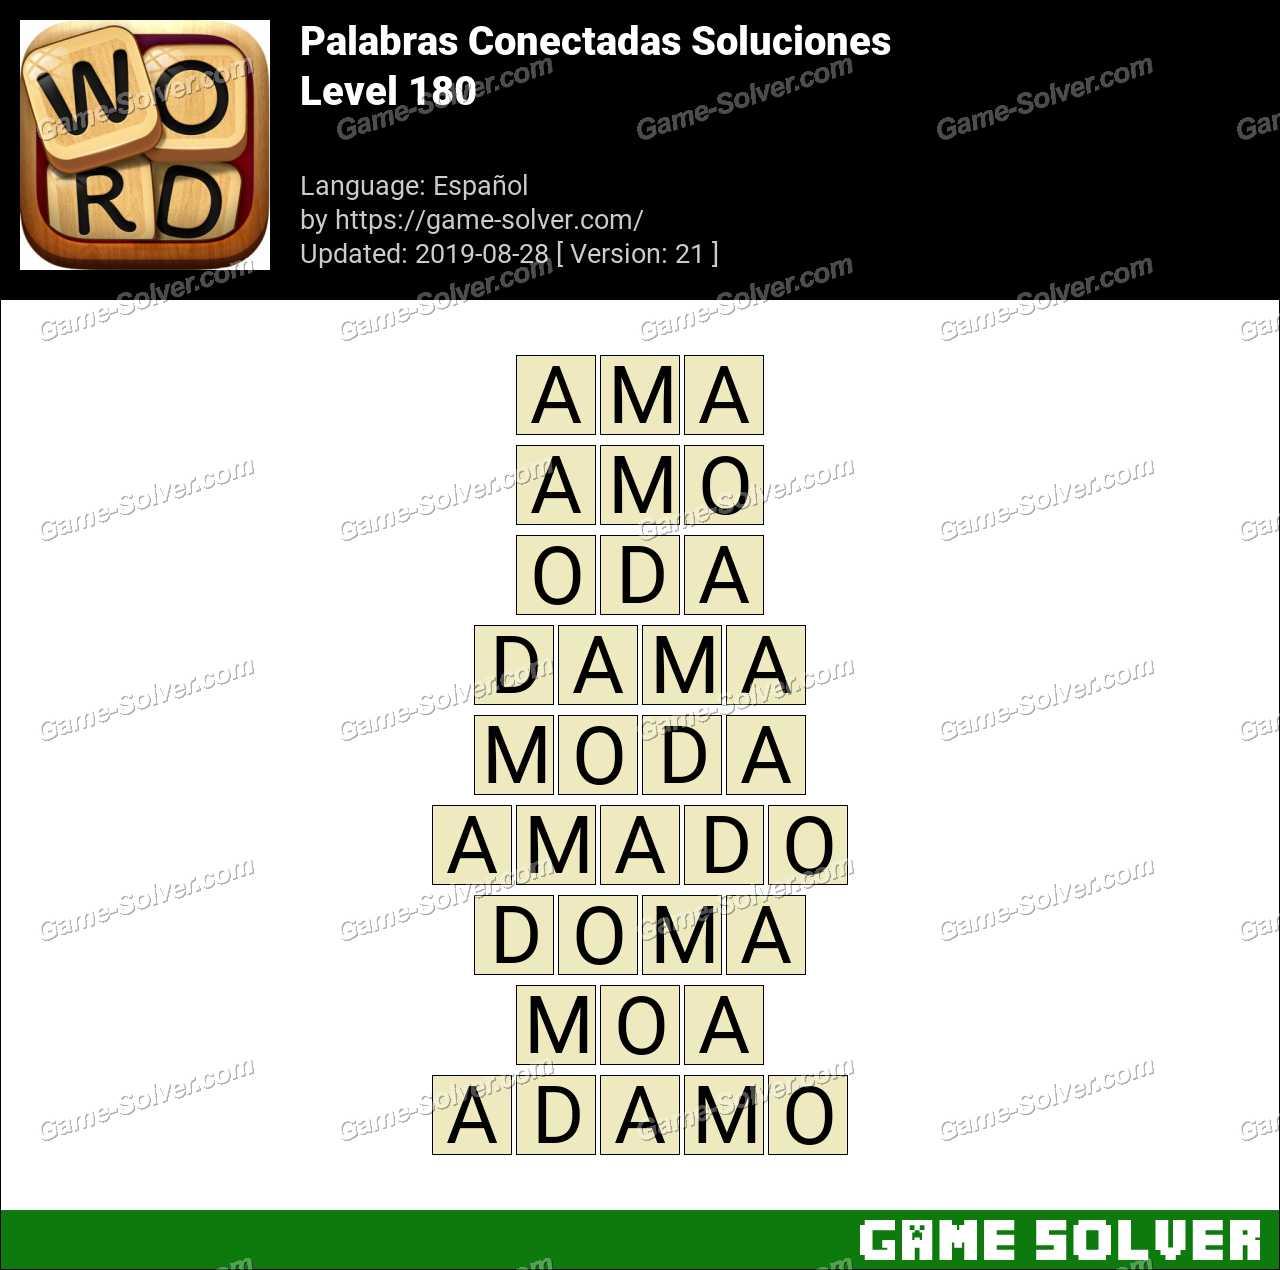 Palabras Conectadas Nivel 180 Soluciones